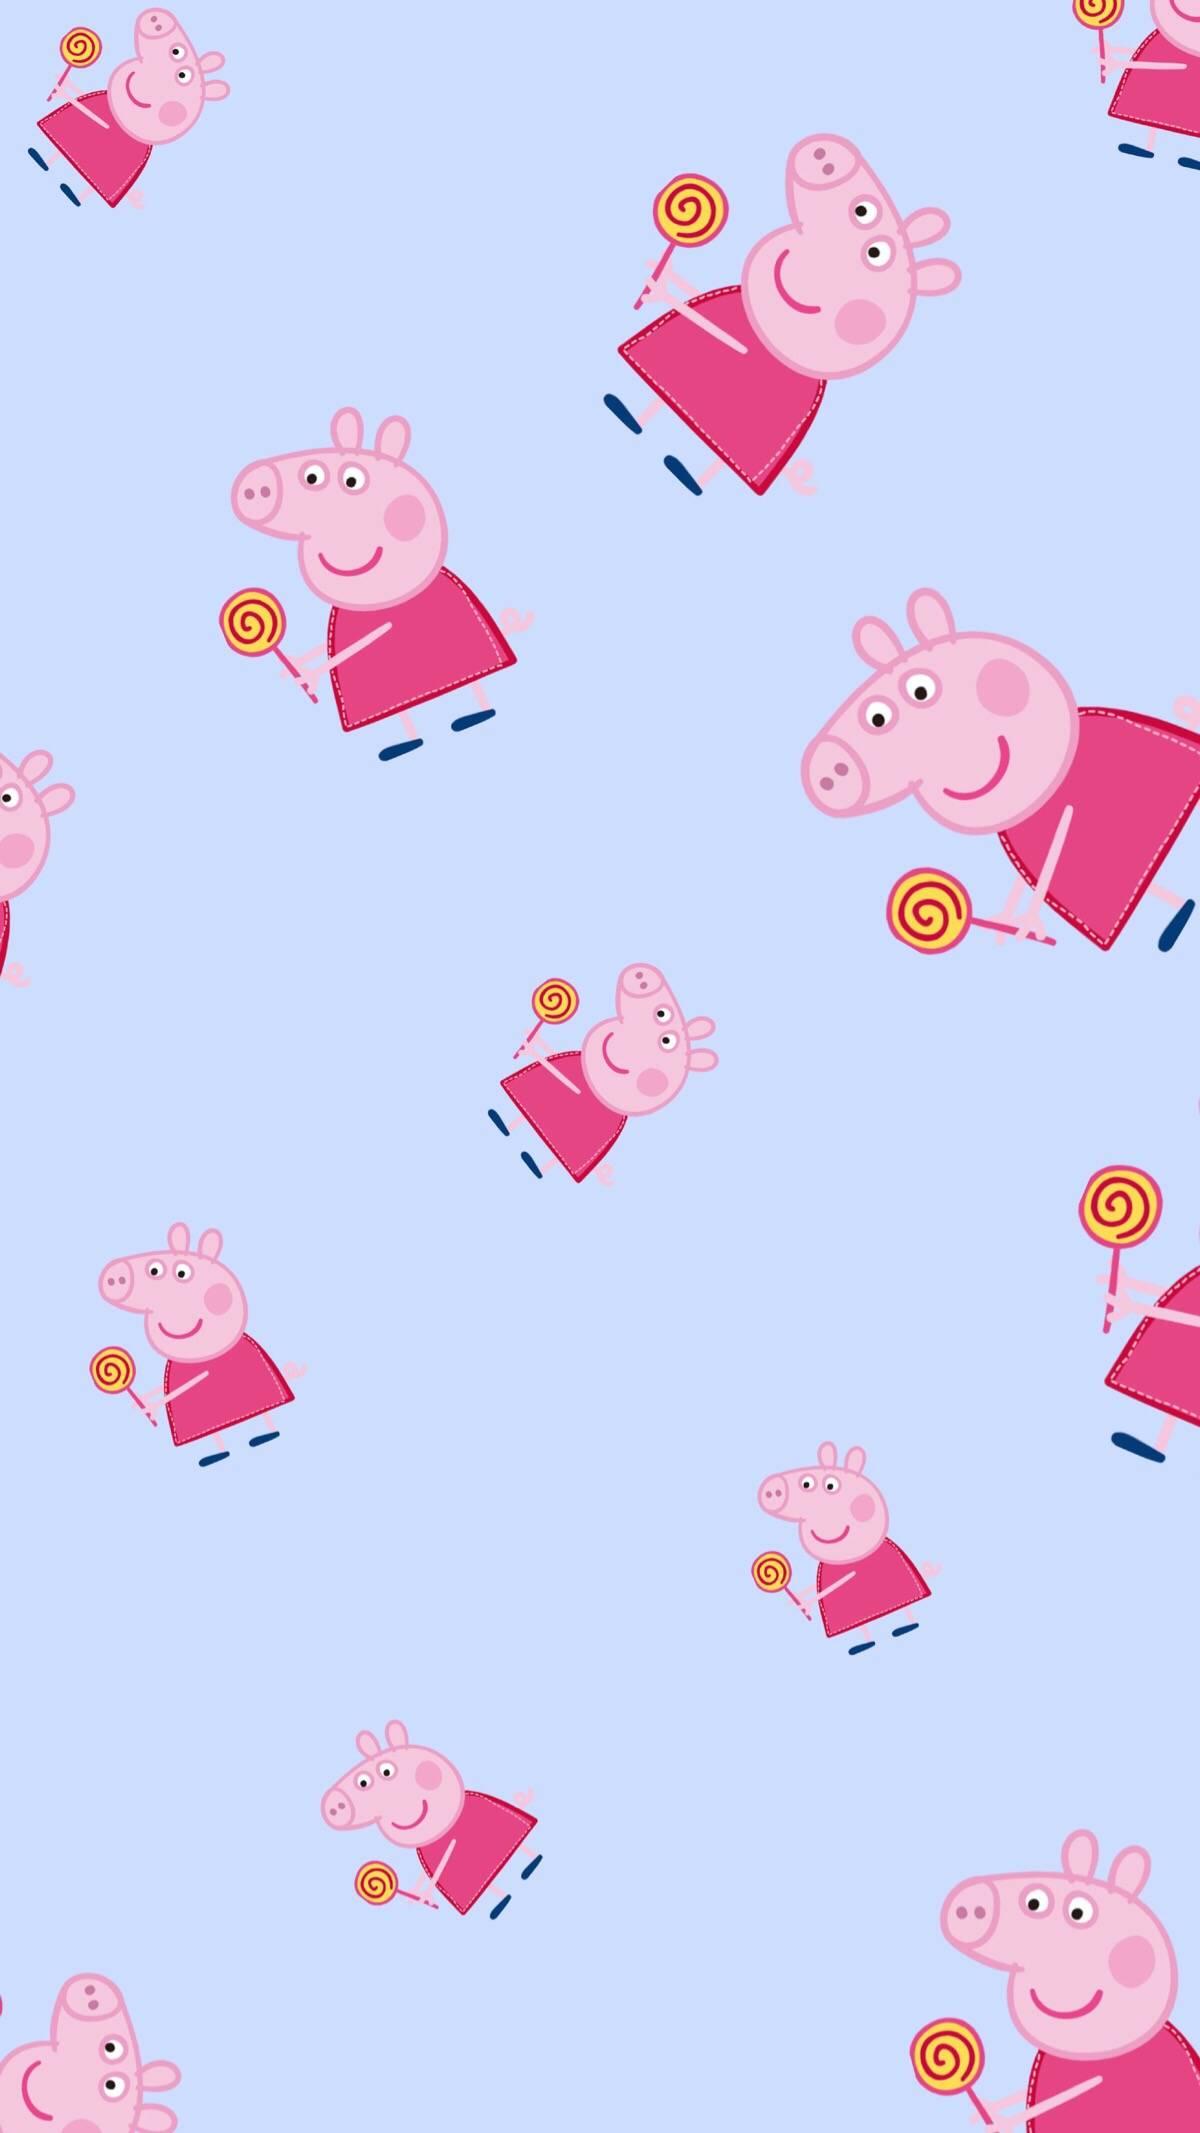 【实习资源组】可爱小猪佩奇平铺壁纸